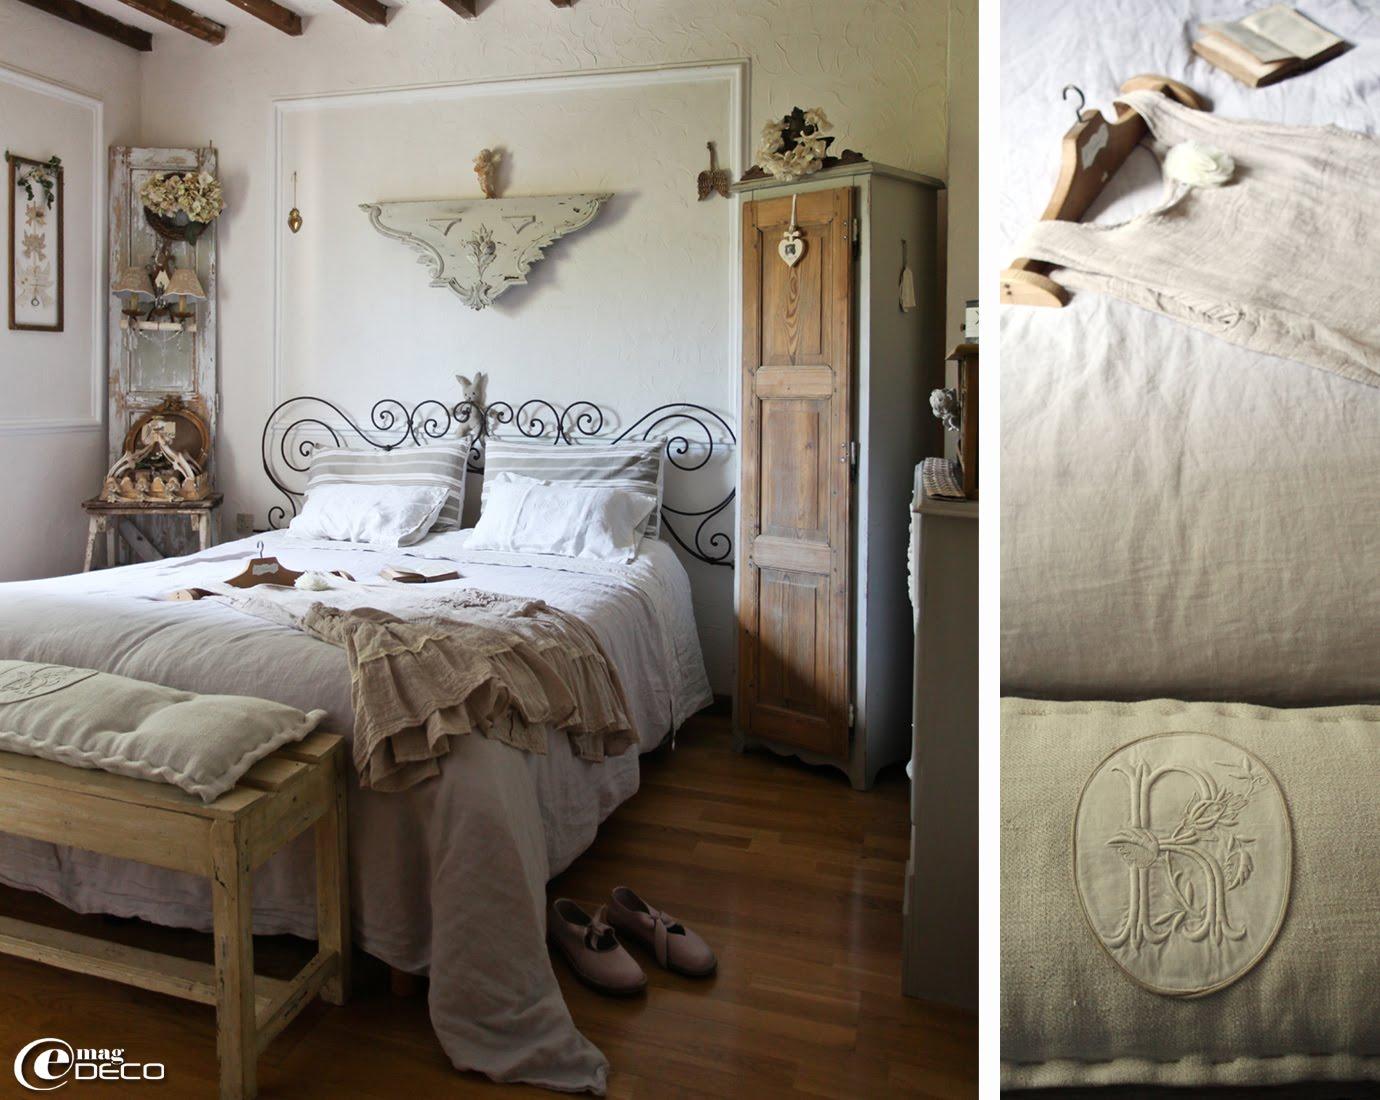 Une tête de lit réalisée avec des volutes récupérées sur un lit en fer forgé